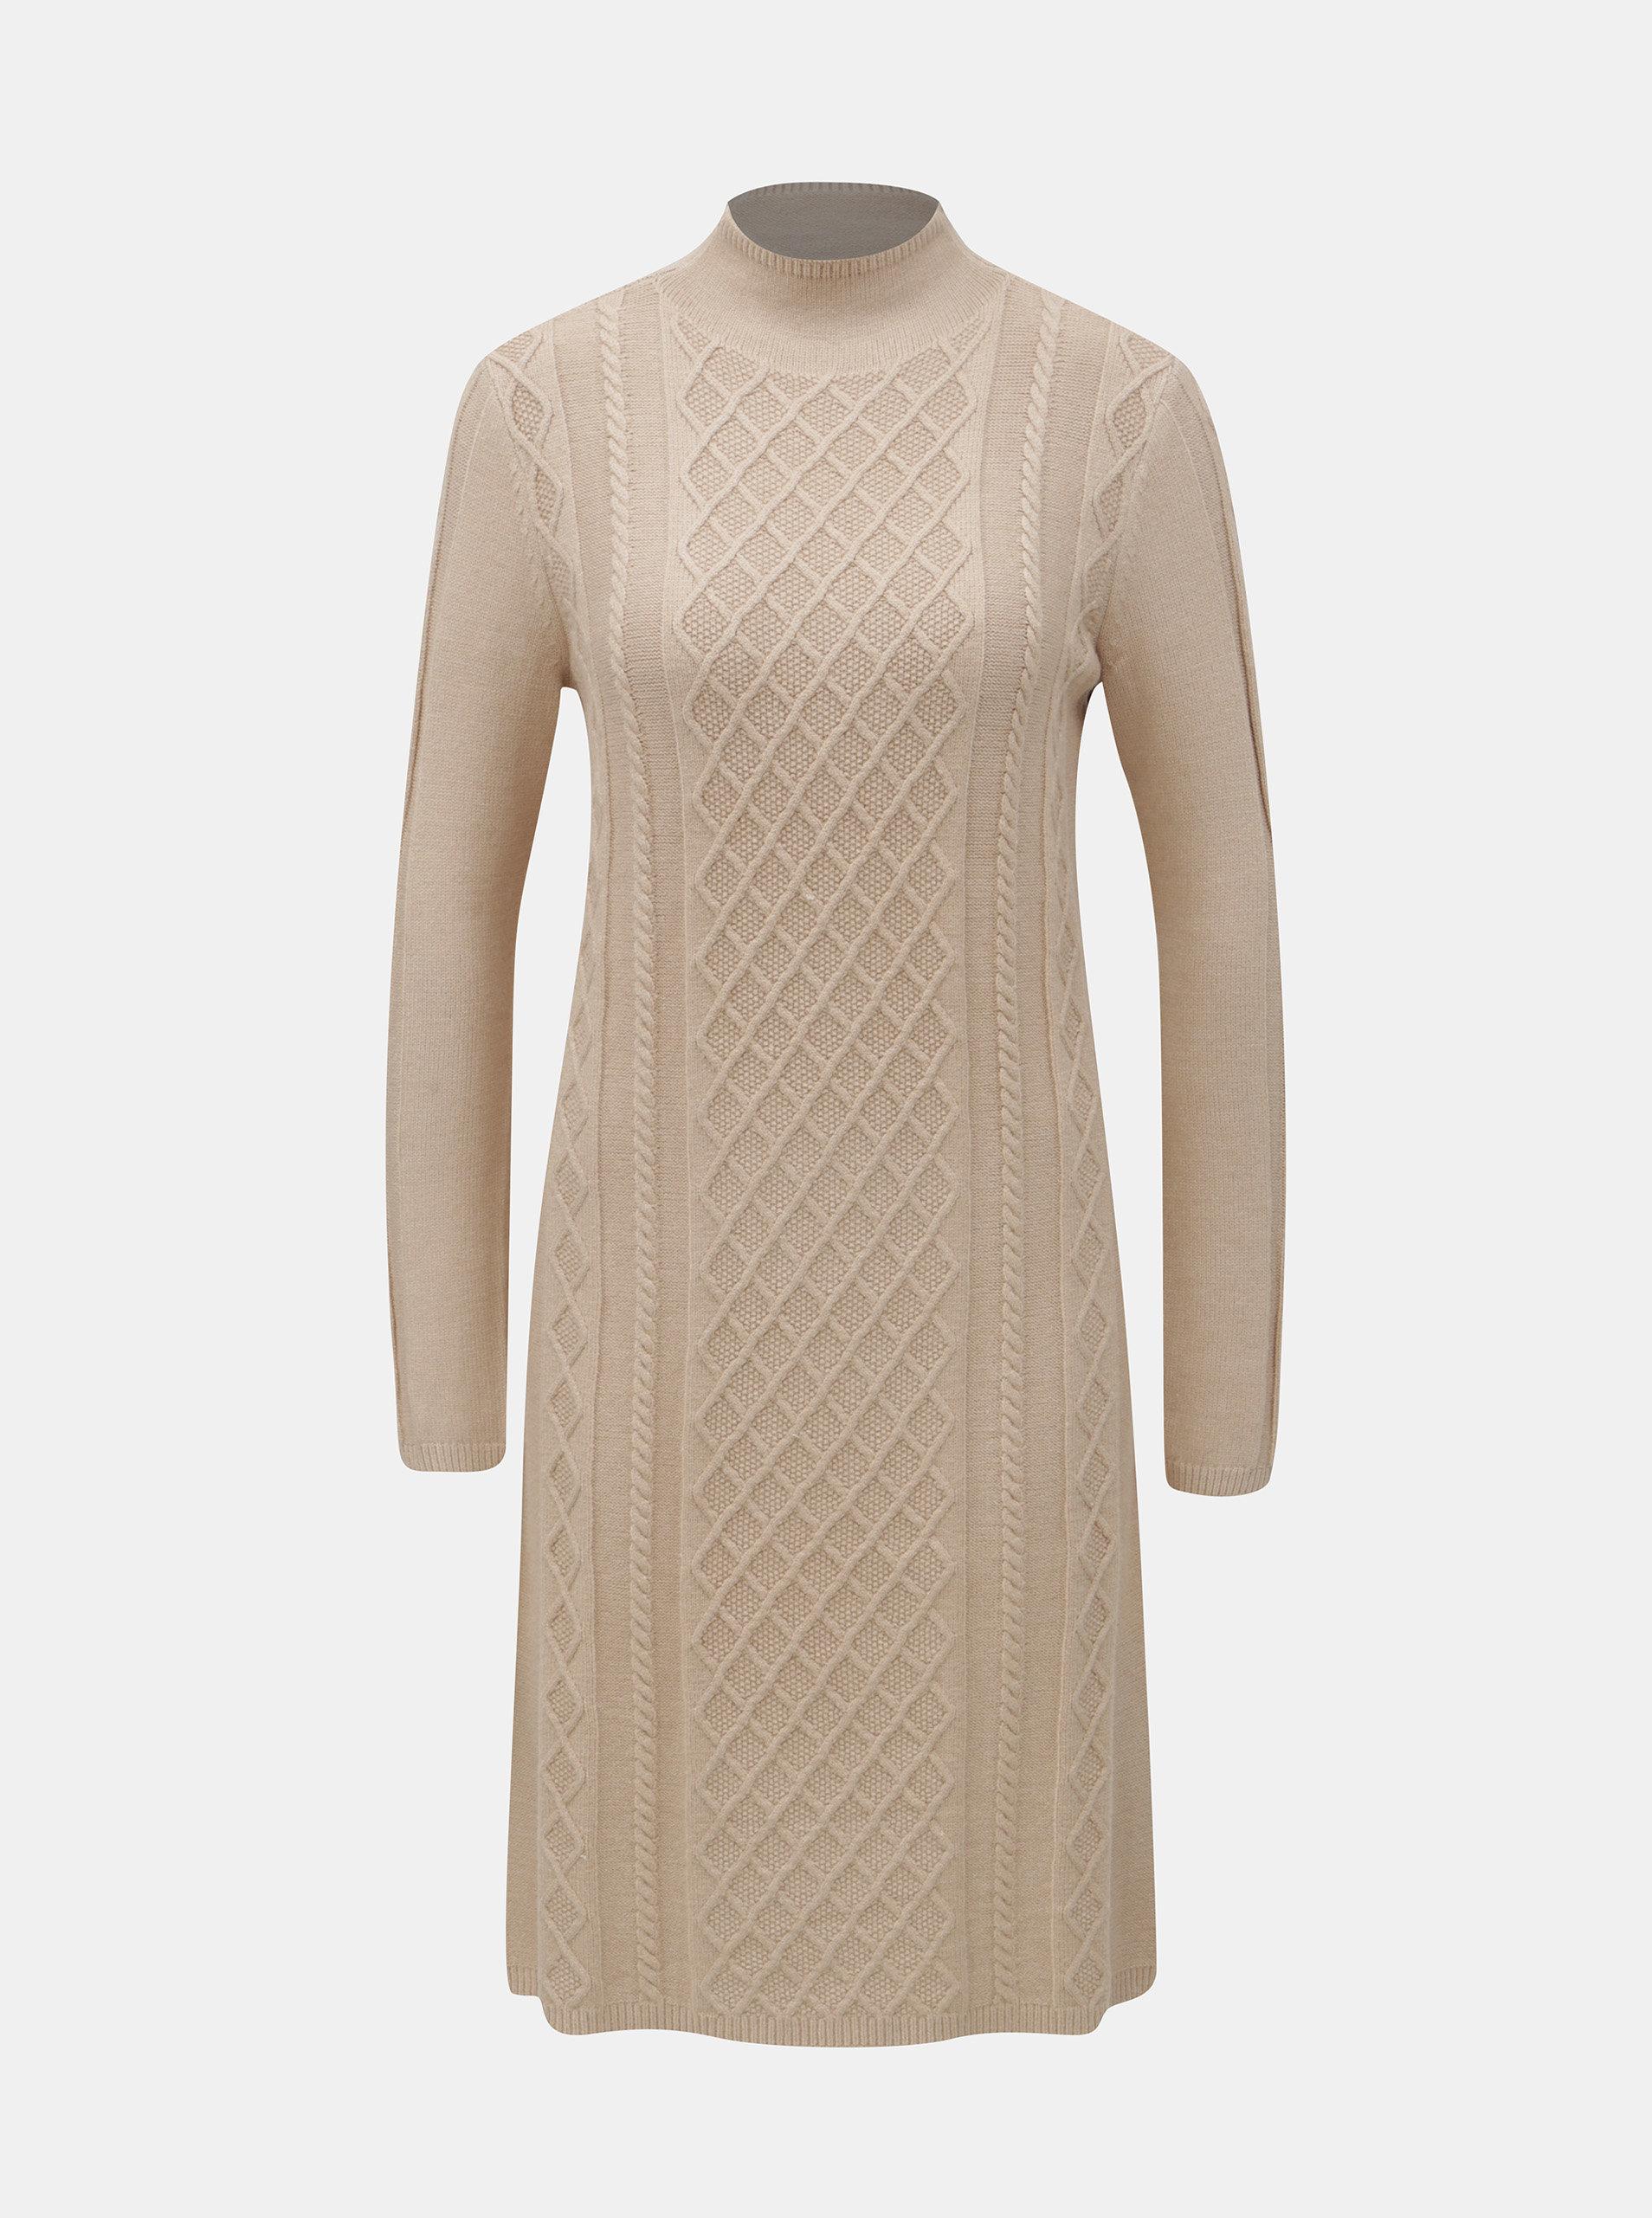 708e18495f01 Béžové svetrové šaty se stojáčkem Yest ...